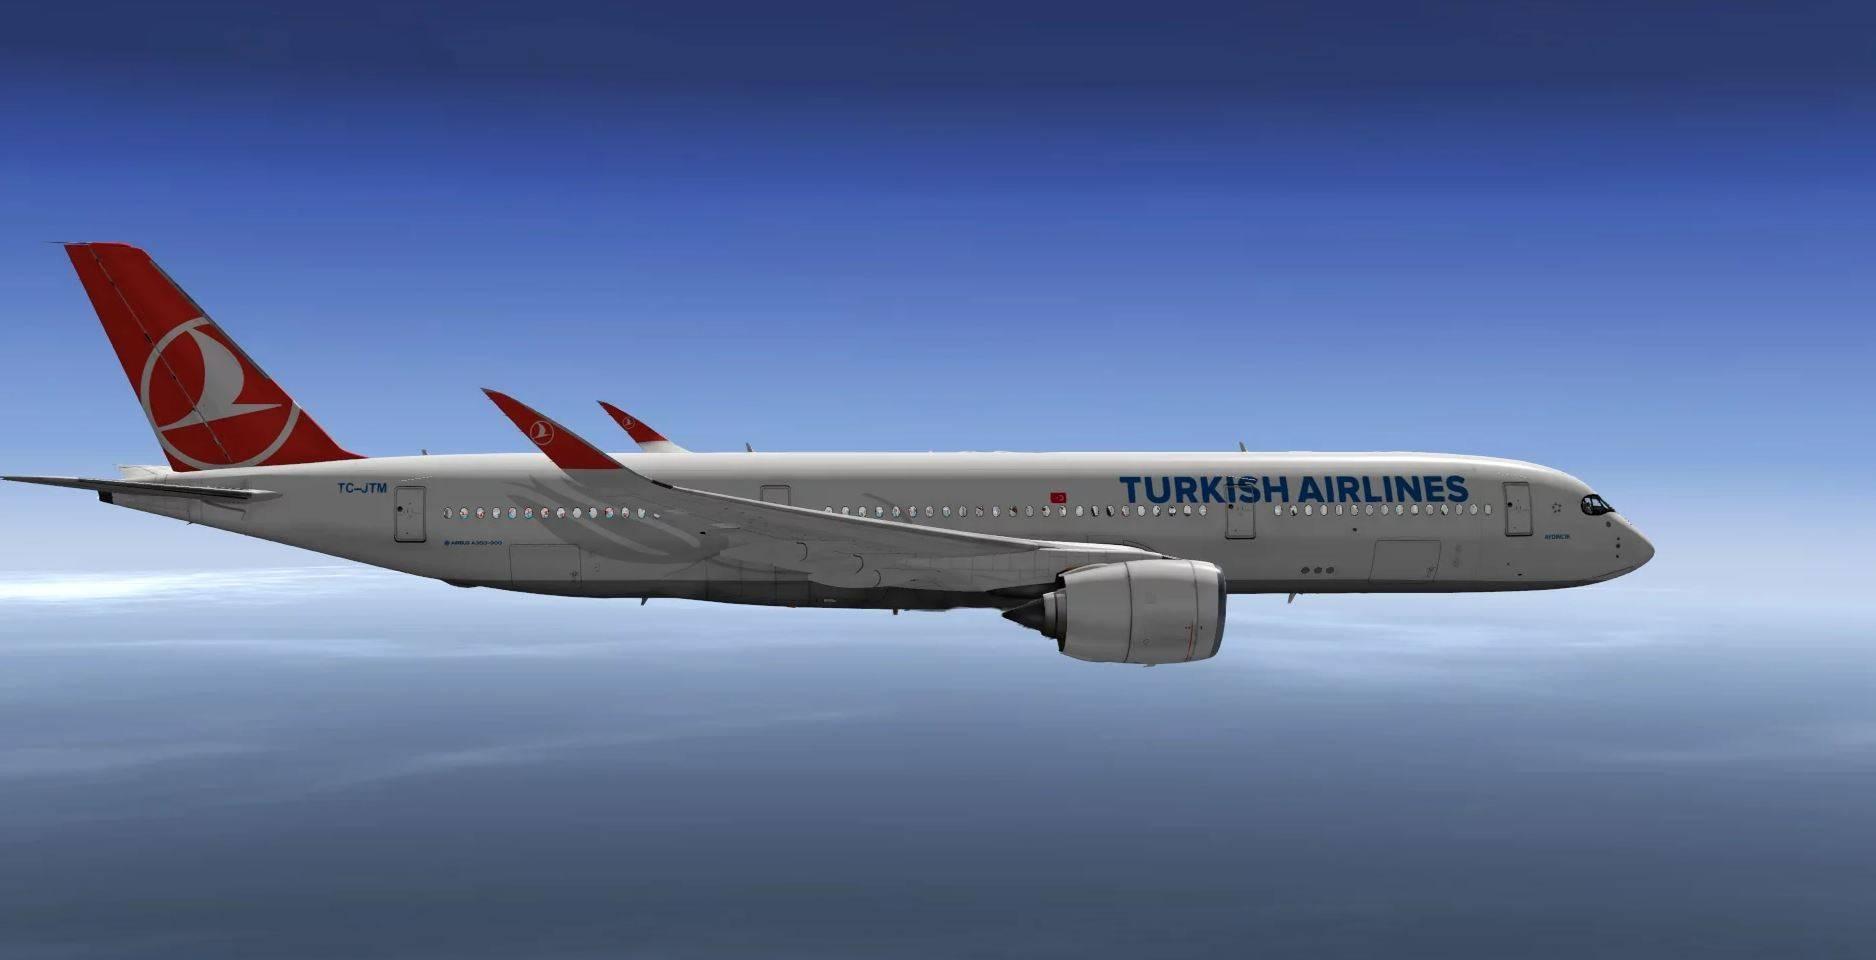 THY'nin 787 ve A350 uçakları hem rahat hem de konforlu